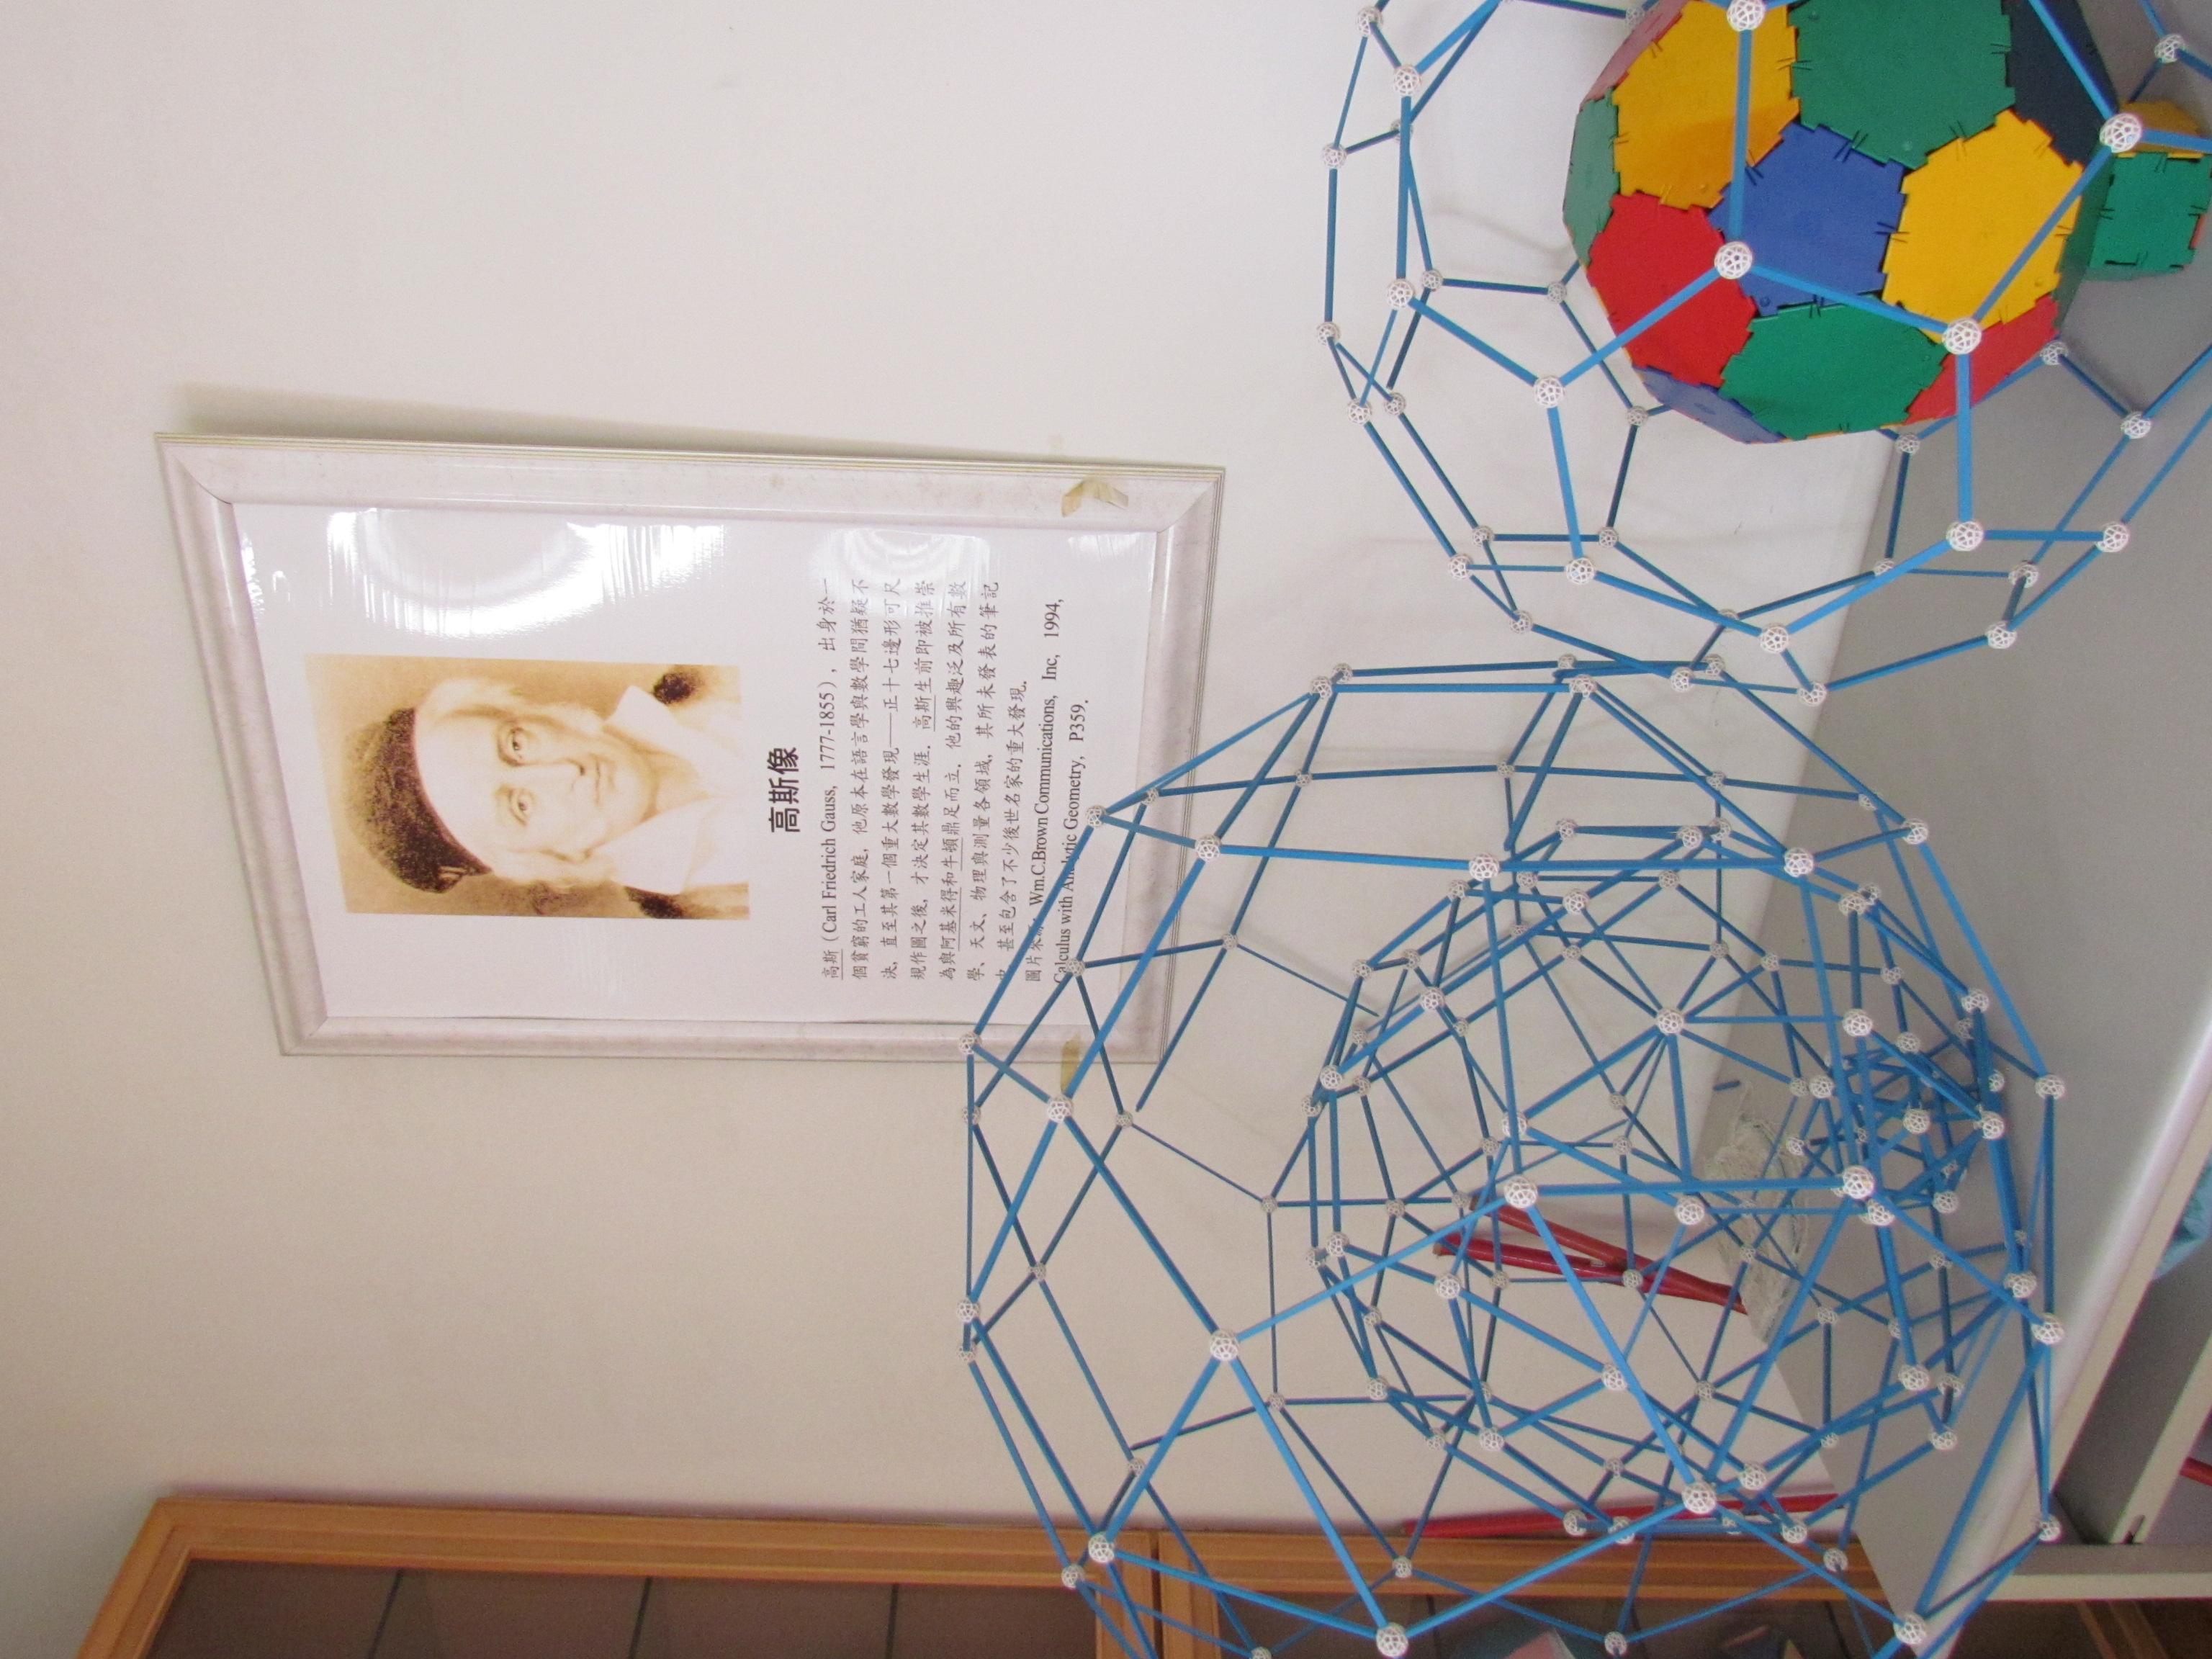 p9数学(专科教室情境布置)图片